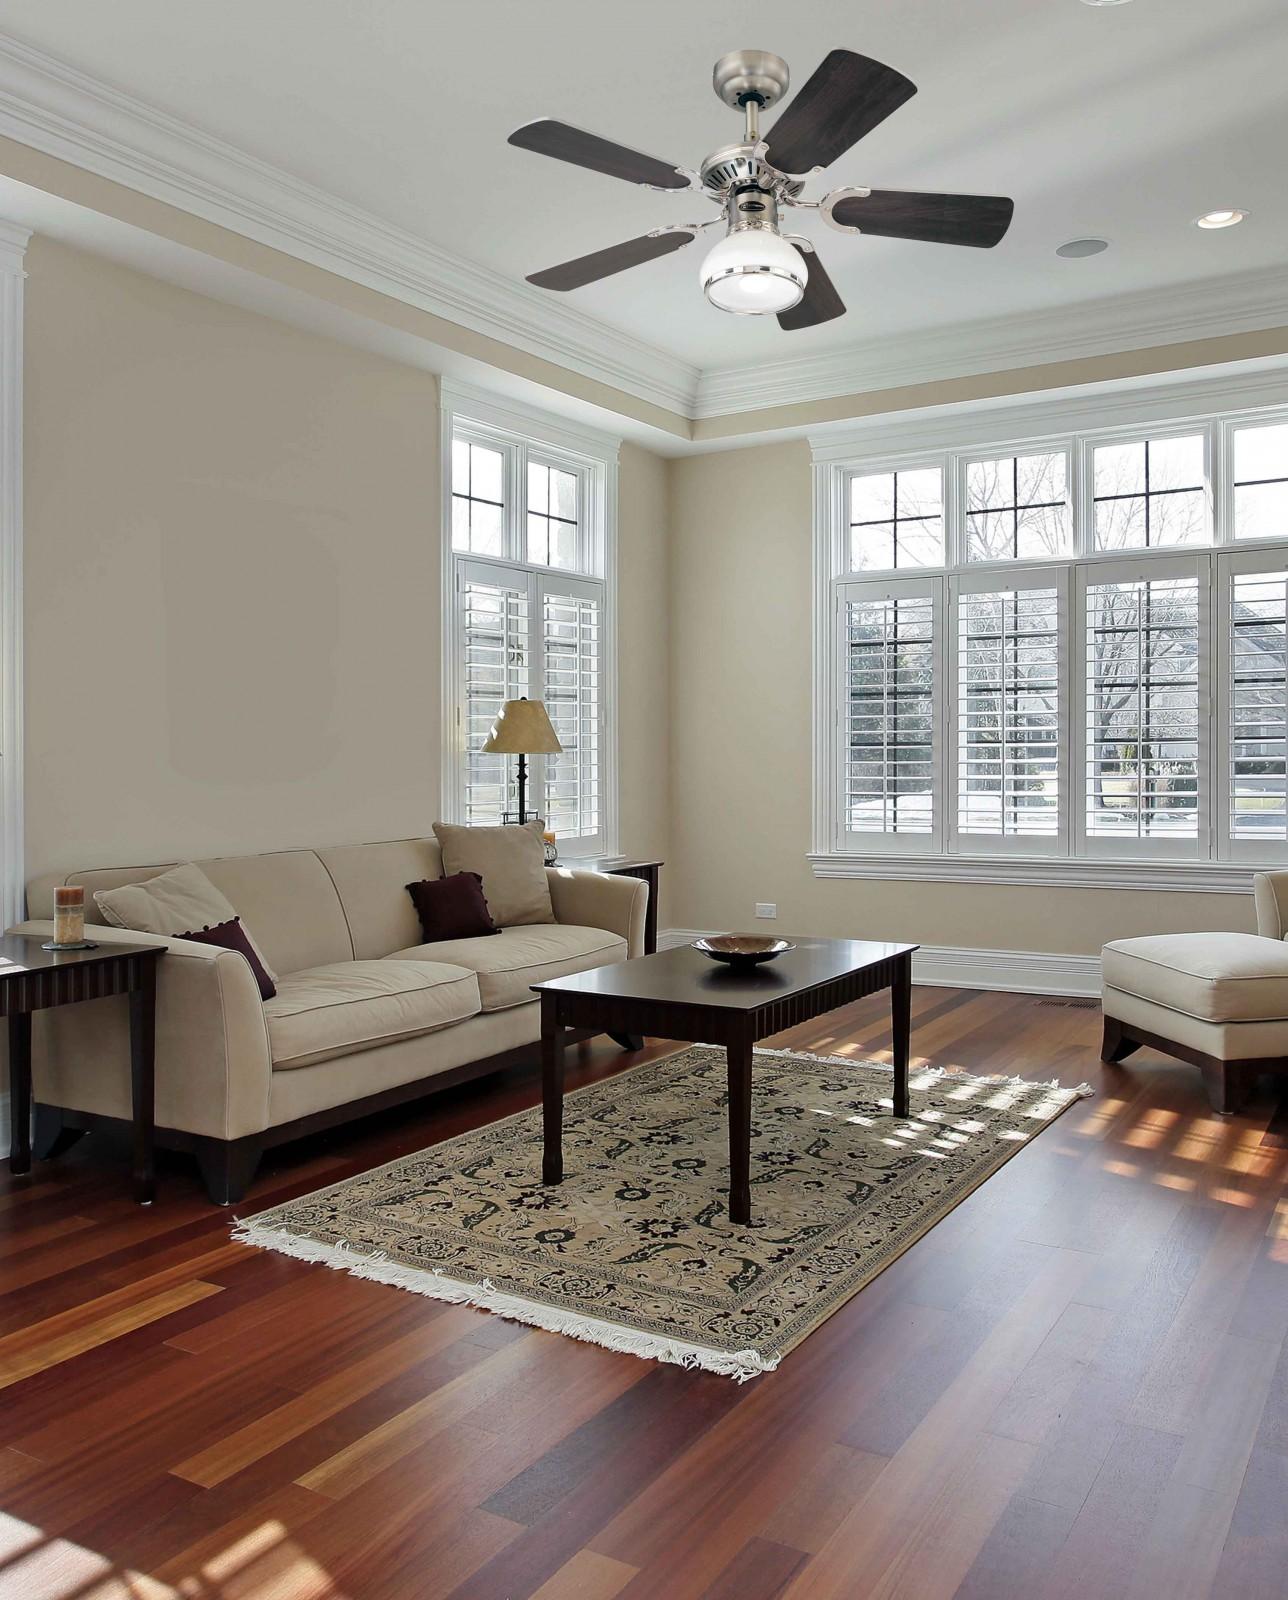 ventilateur de plafond princess radiance etain 90 cm ventilateurs de plafond pour particulier et. Black Bedroom Furniture Sets. Home Design Ideas